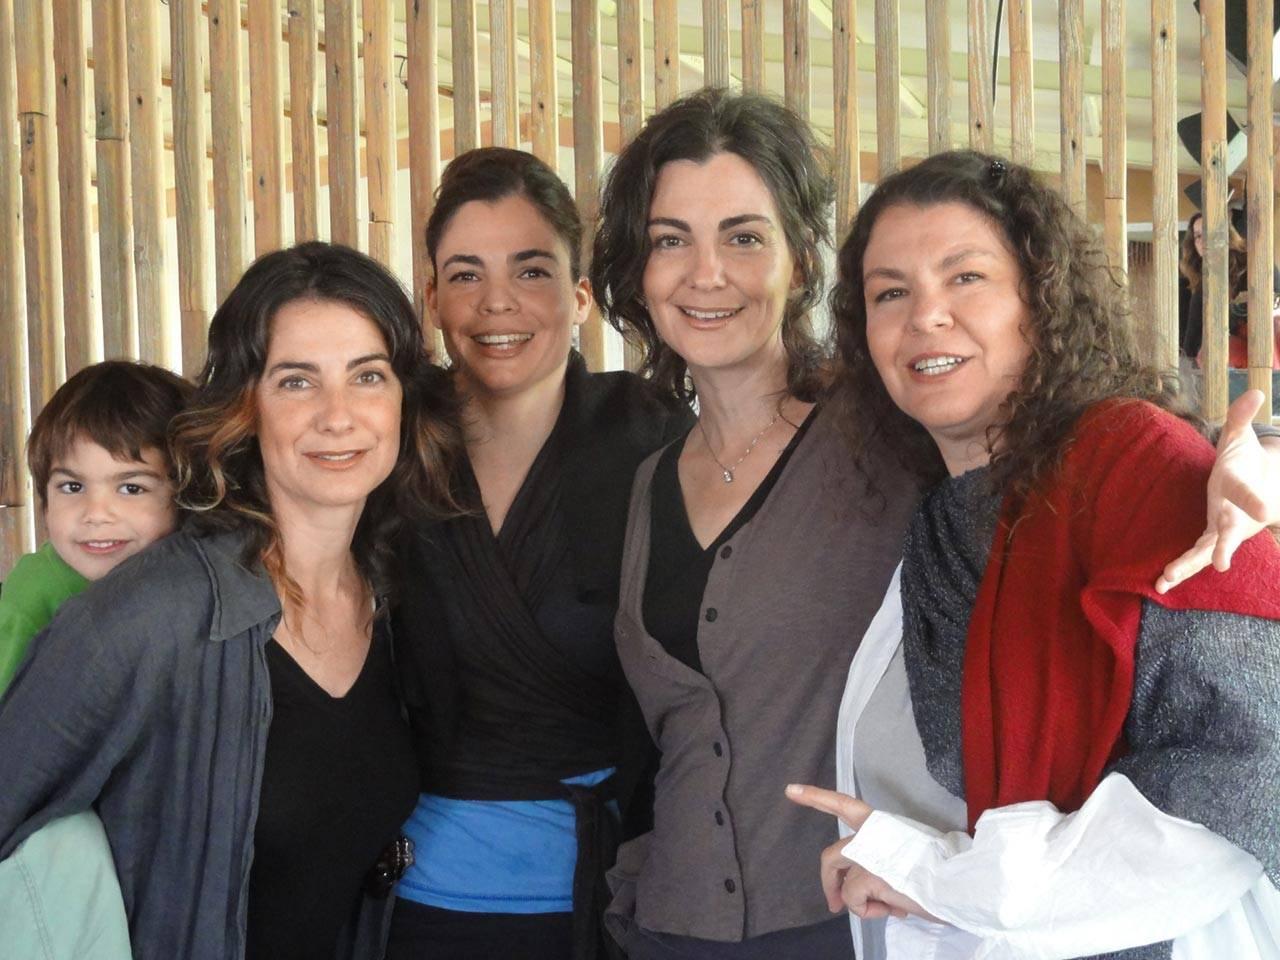 האחיות ורטהיים: מרב, טלי, רנה ונעה. צילום: נעה רוזוליו